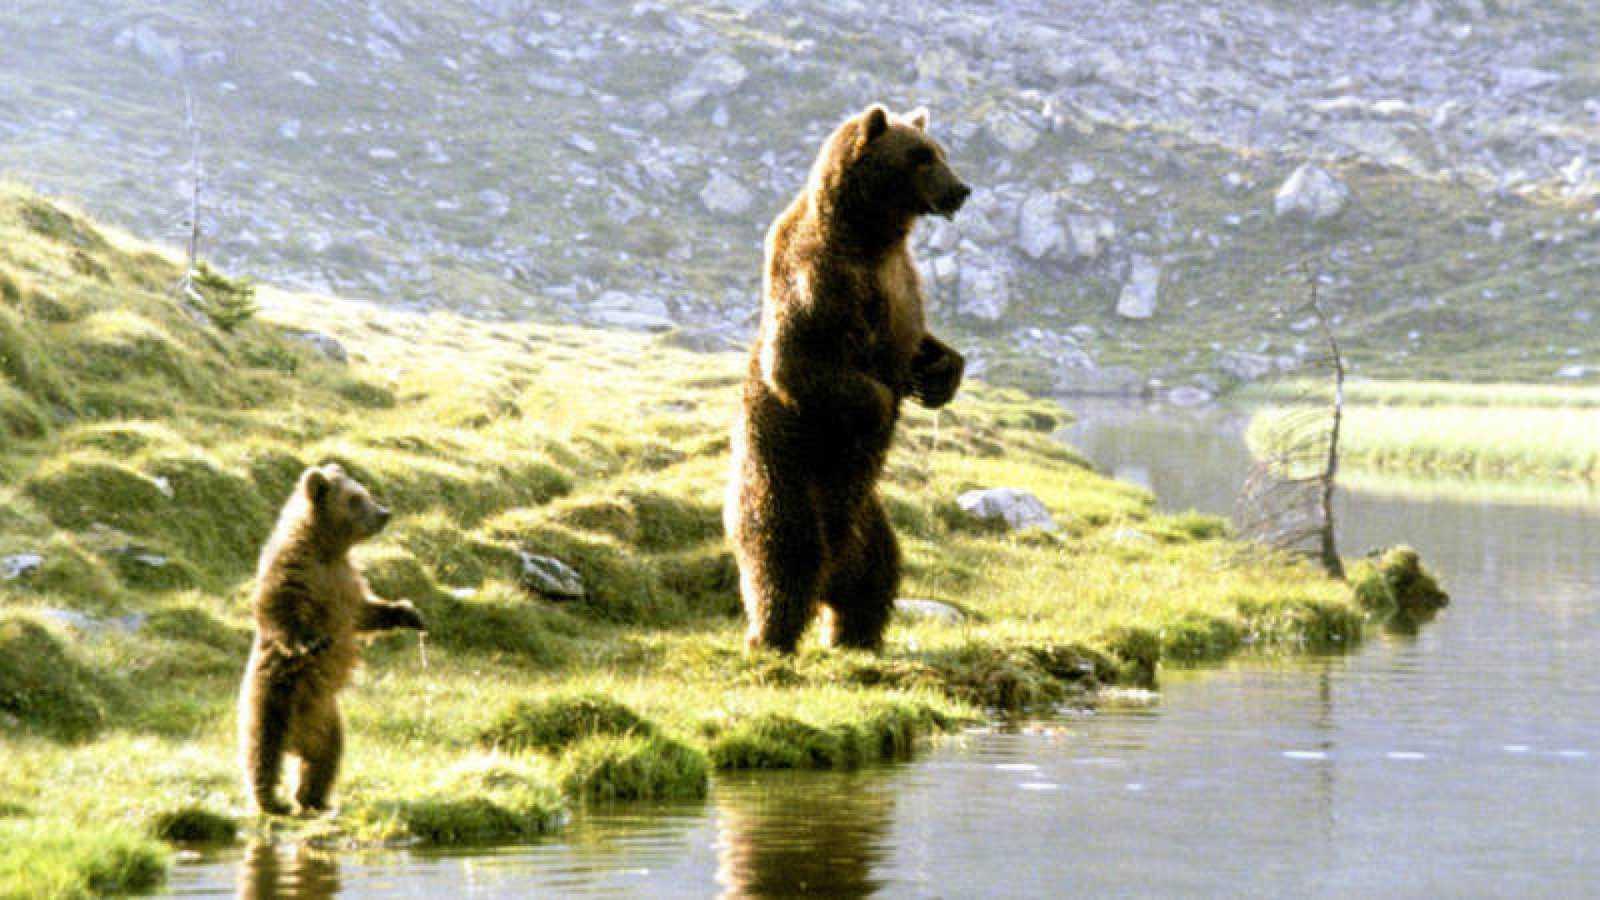 Ruedo escénico - El oso - 15/08/20 - Escuchar ahora